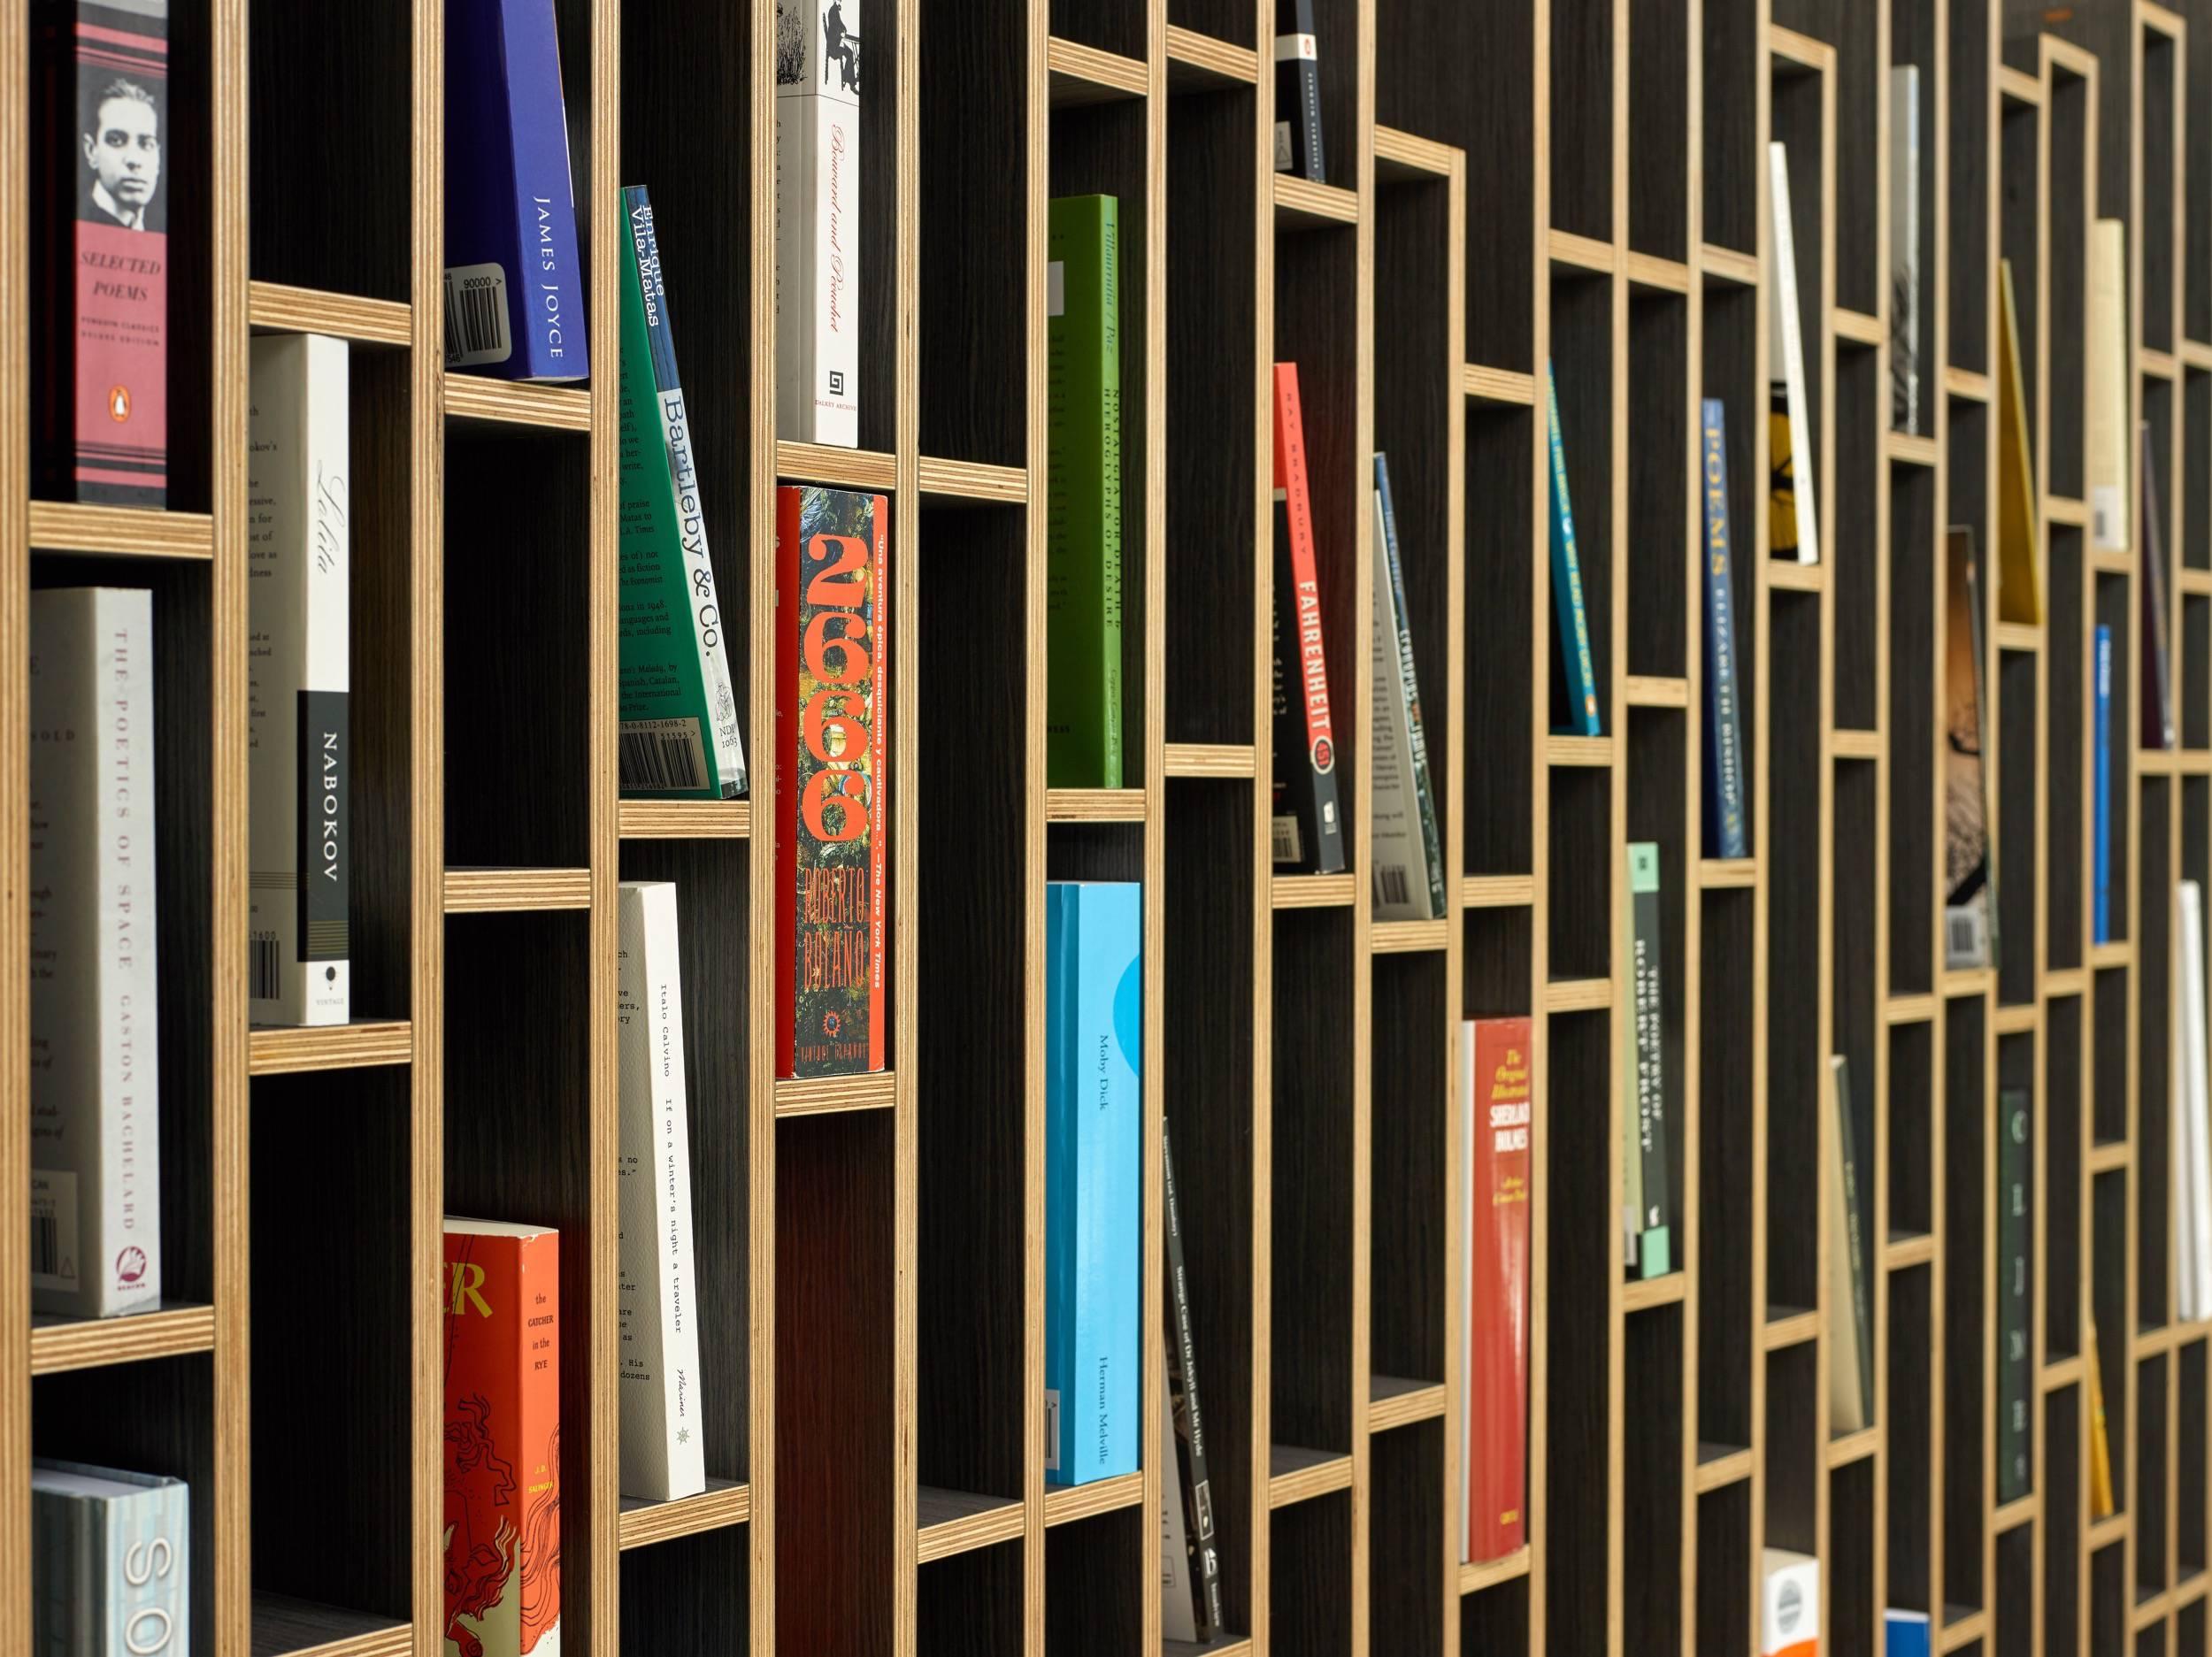 Oceana_Library-Shelves 1.jpg